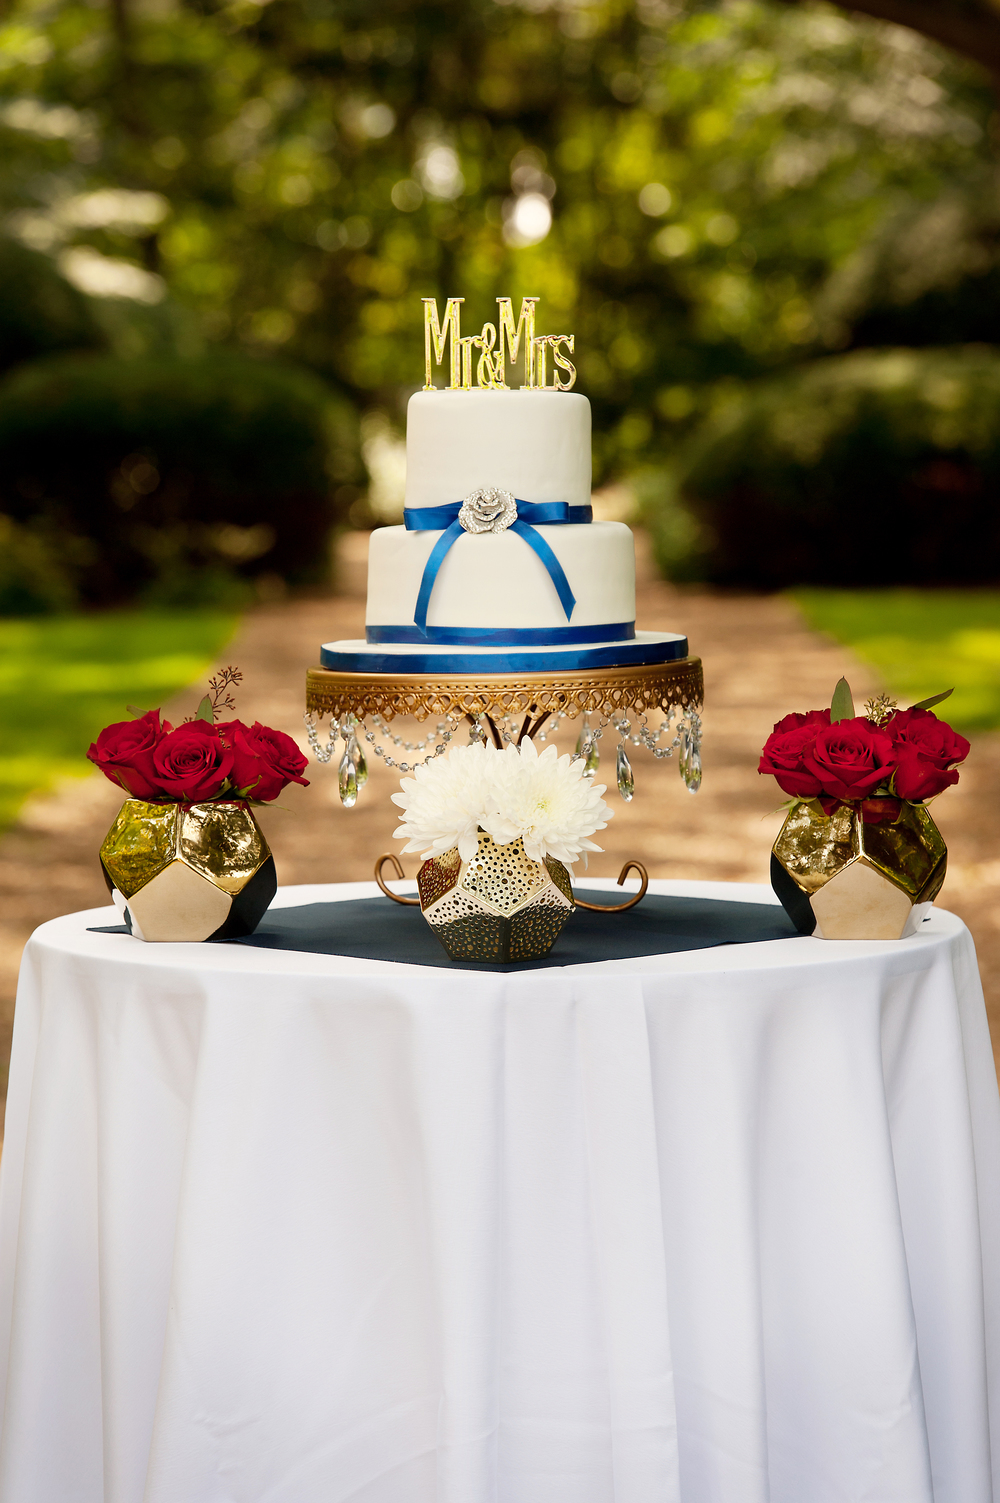 Cake+Final.jpg